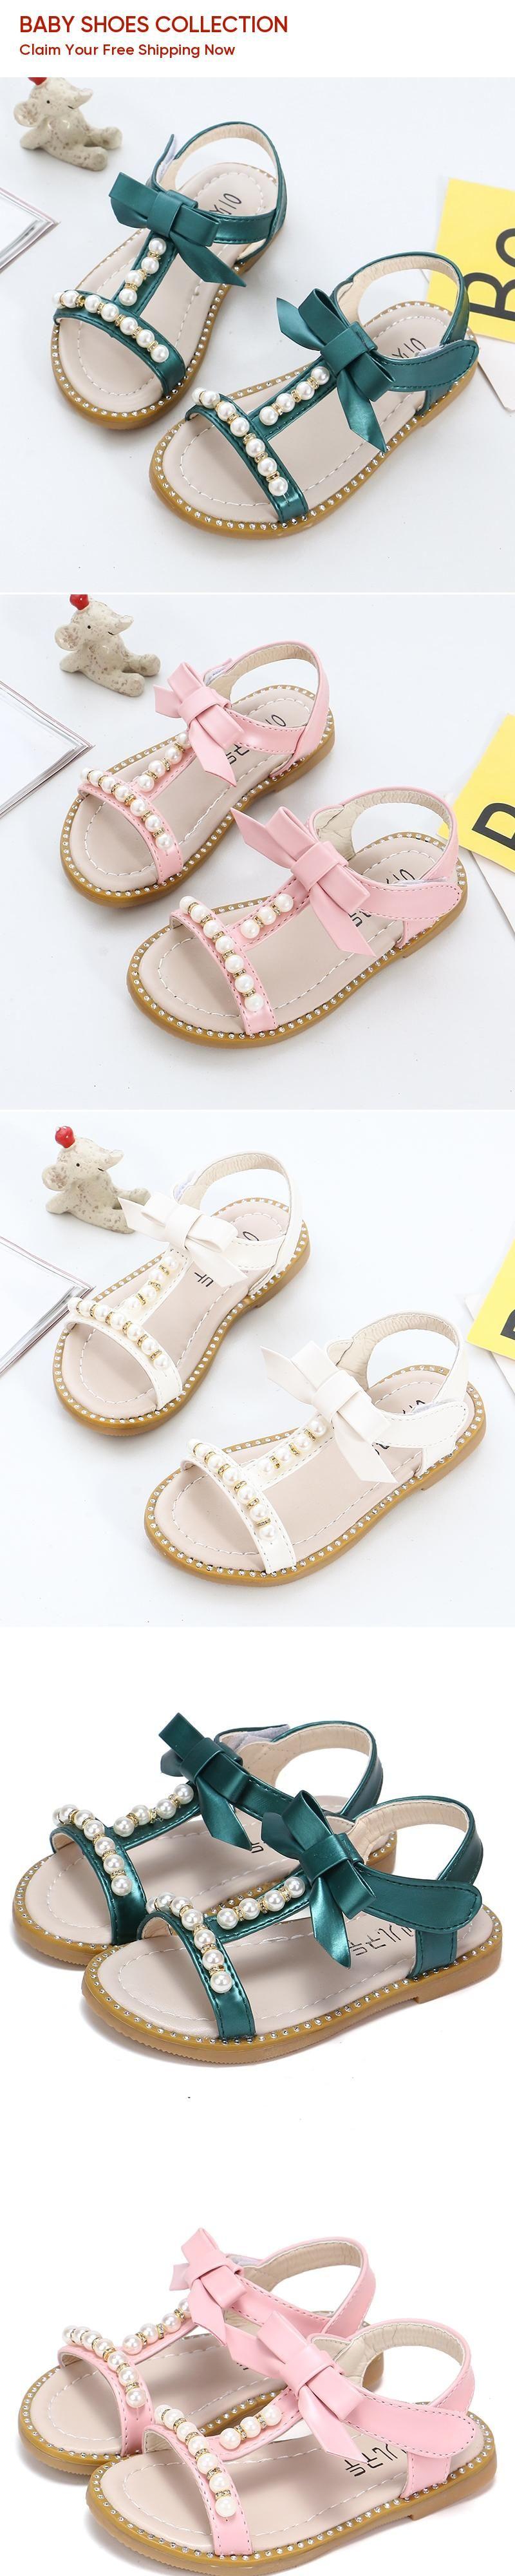 d6c652920afa 2019 Baby Girls Summer Shoes Girls Sandals Flip Flops Kids Beach Sandals  Baby Girls Princess Pearl ...